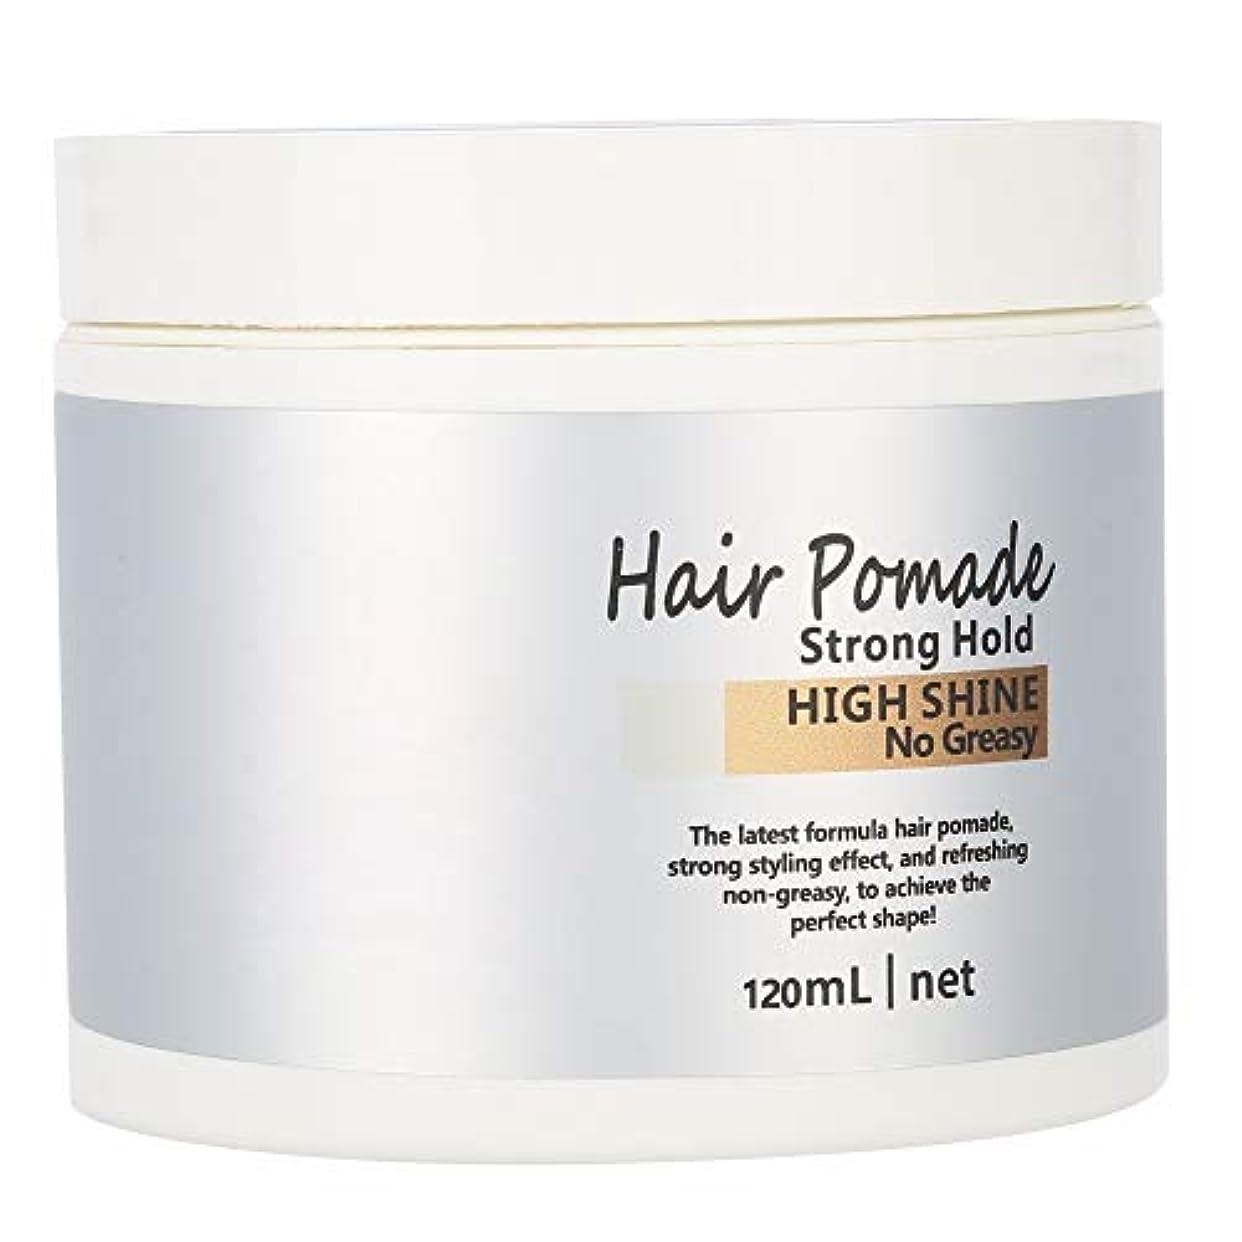 次へ支援する罪悪感ヘアワックス 髪用ゼリーウォータージェルワックス、ウェットエフェクトを使用した極度の固着モデリングワックスポマード(120ml)